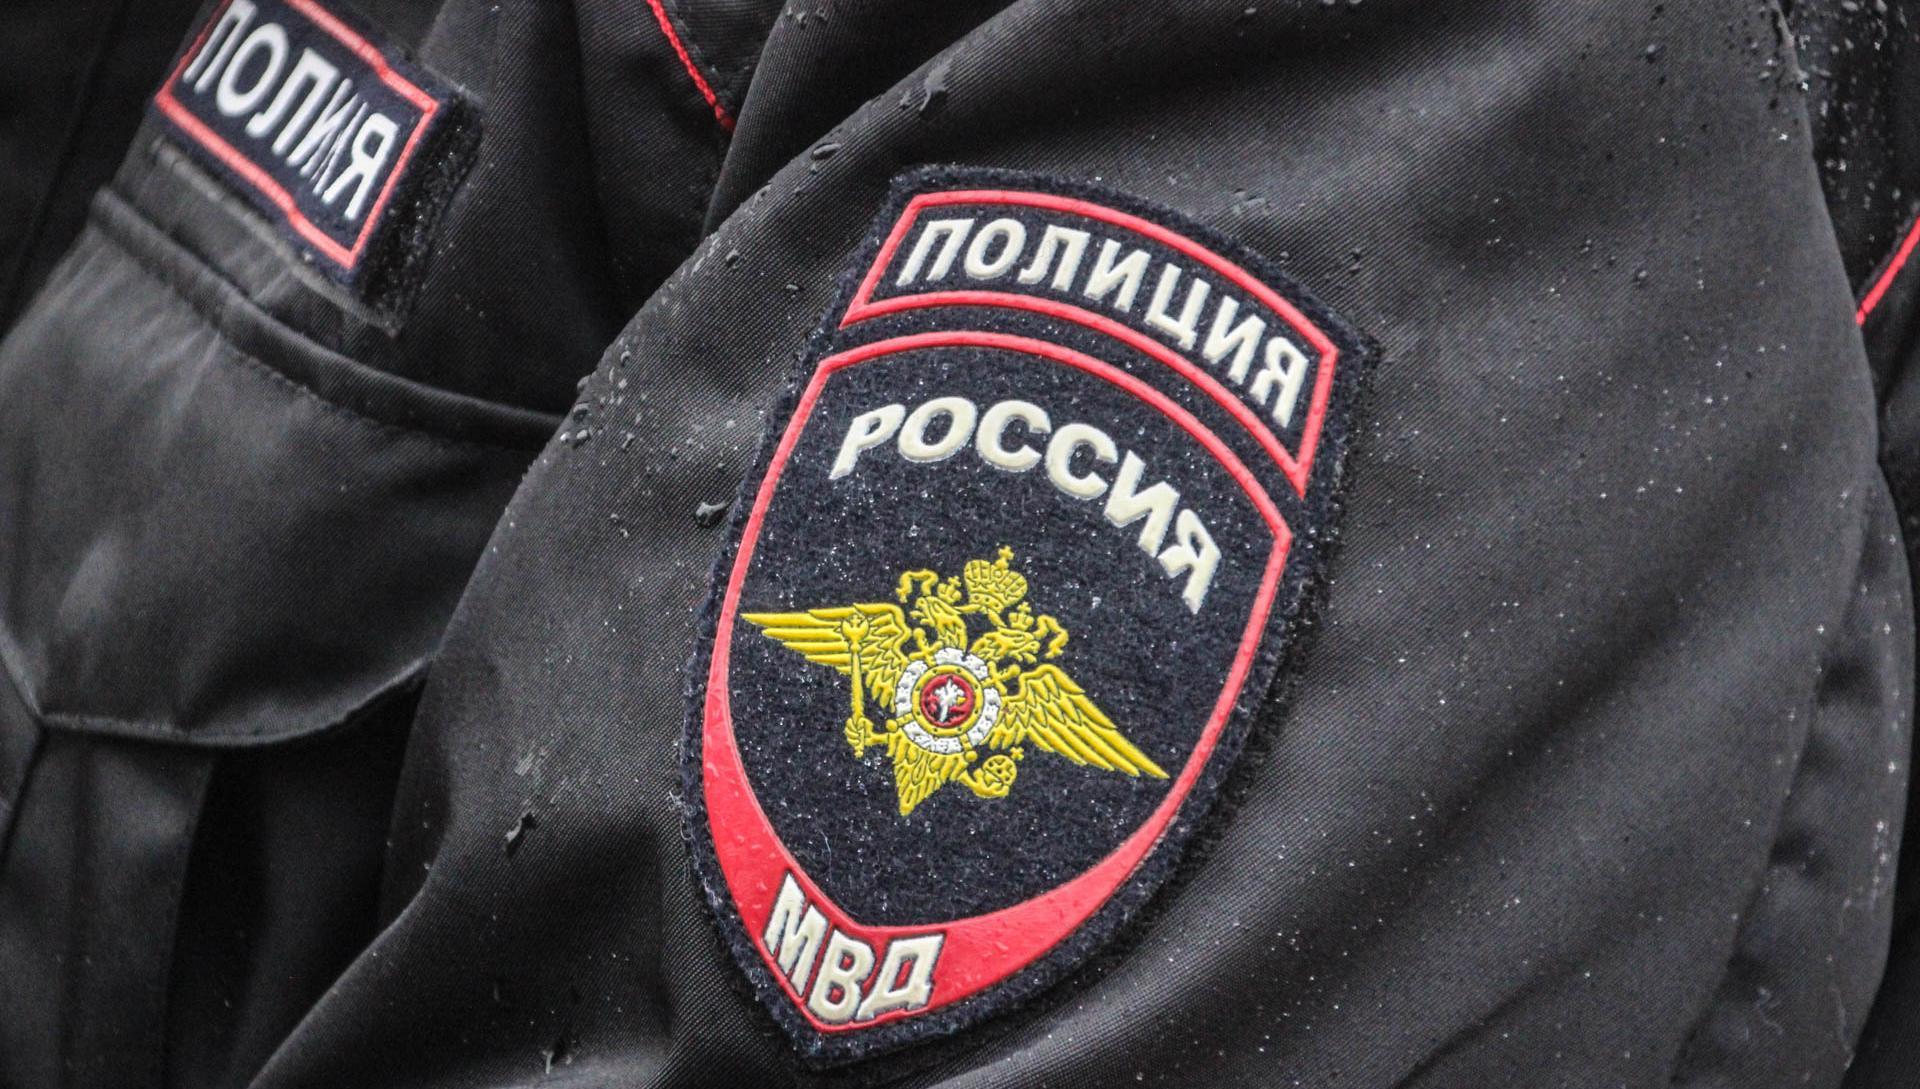 Жителя Санкт-Петербурга будут судить за взятку полицейскому в Тверской области - новости Афанасий